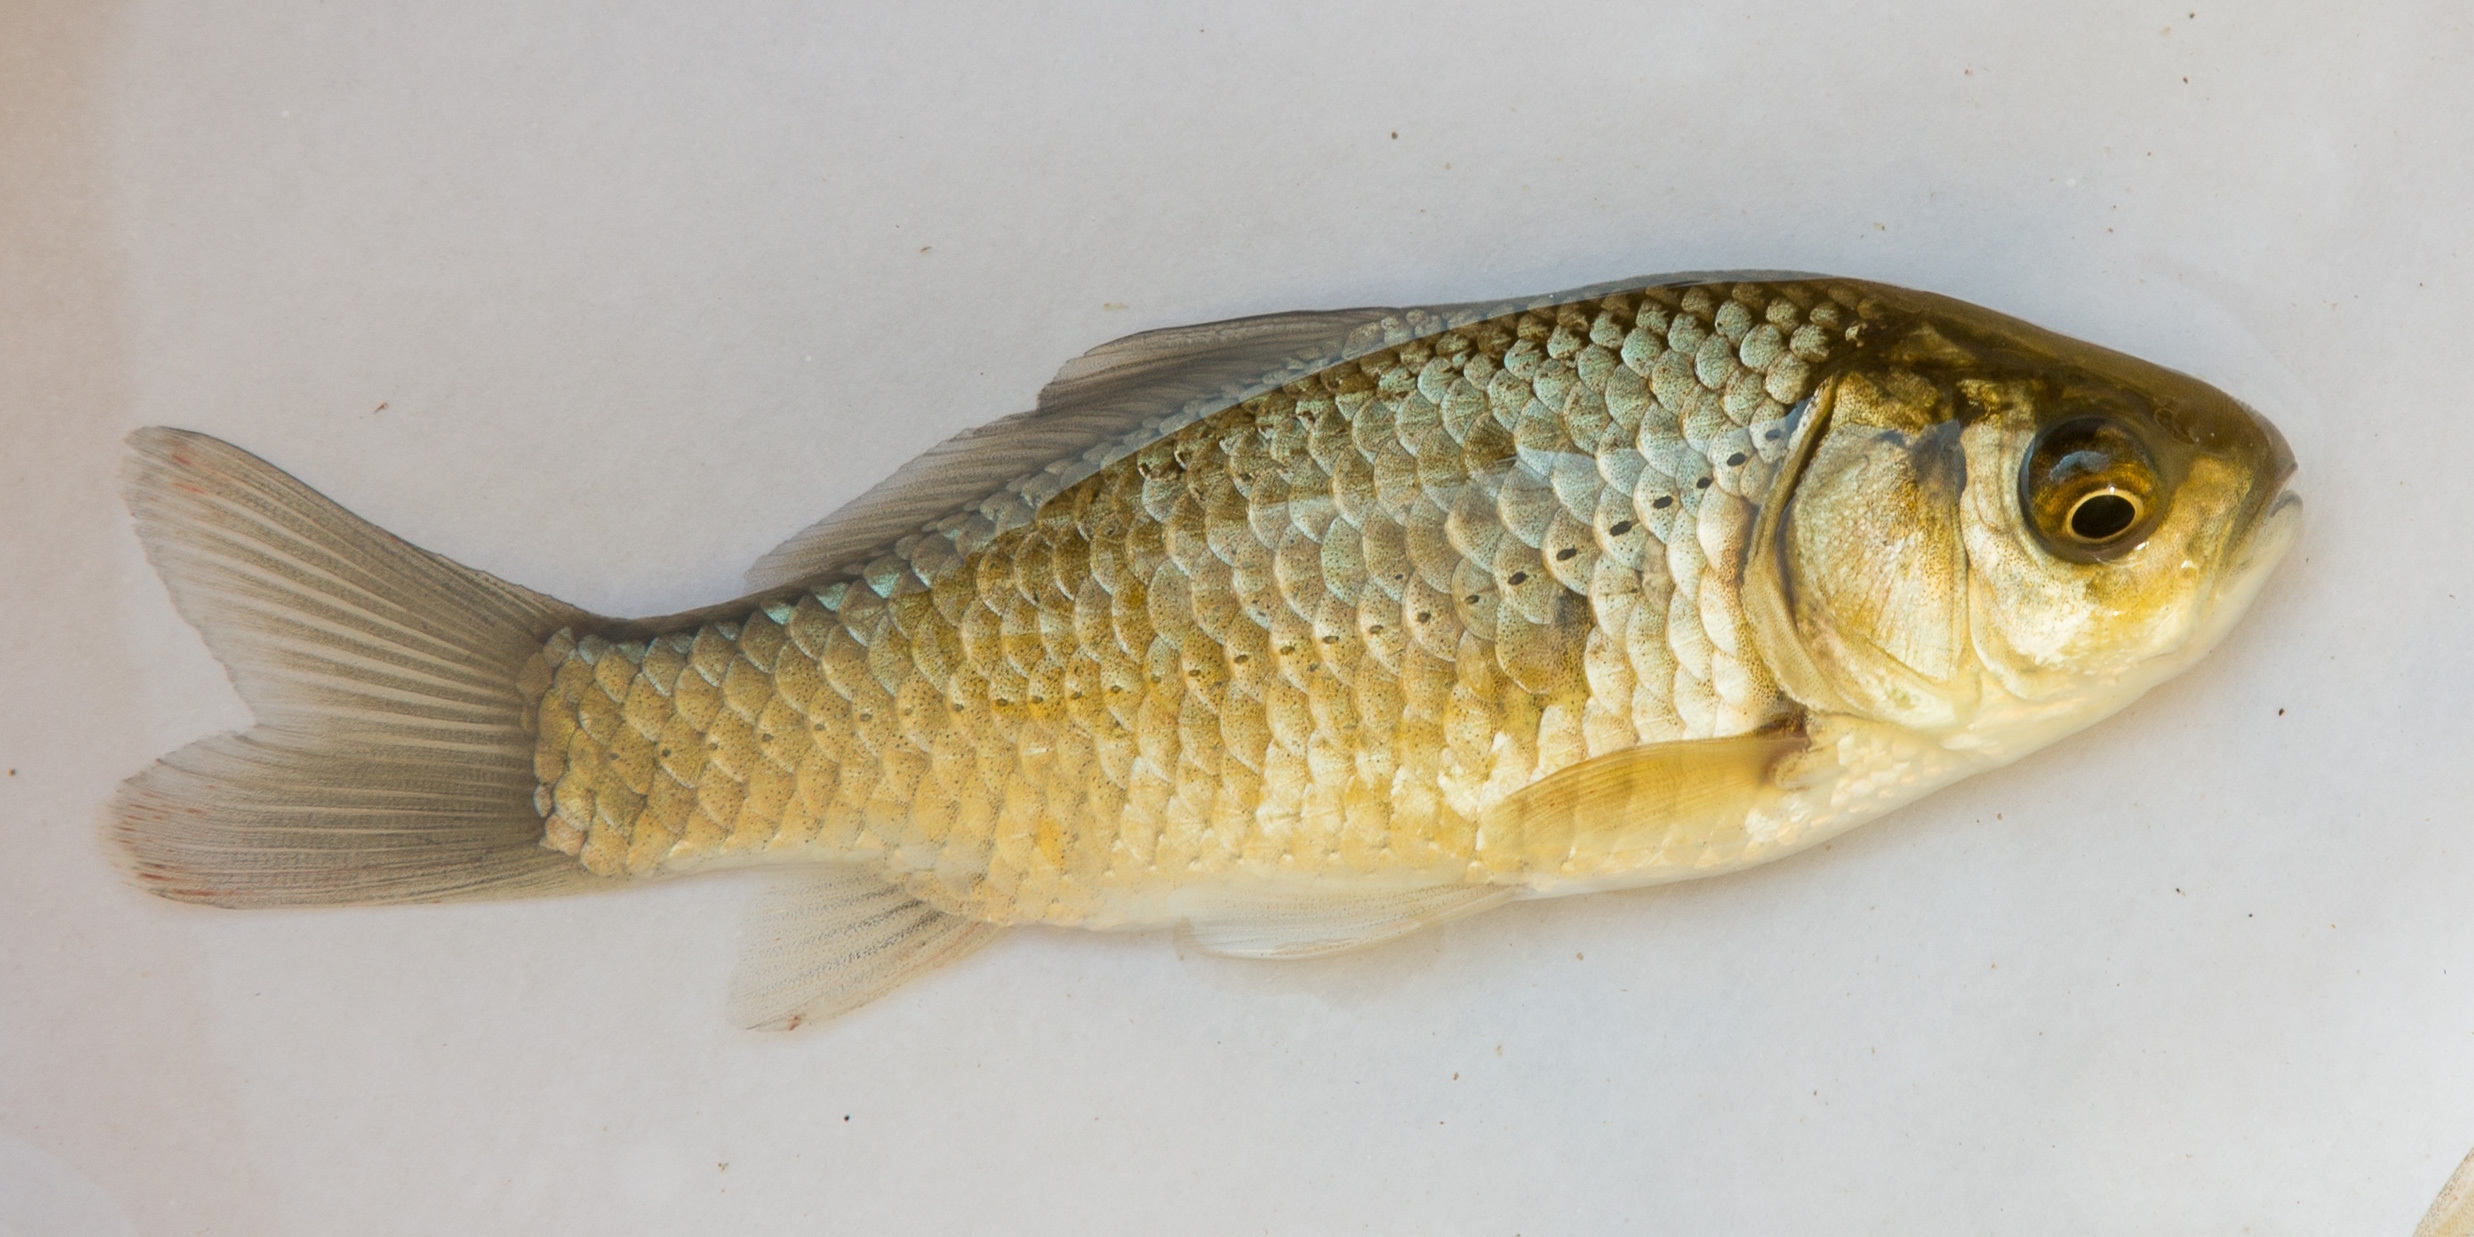 Teichfisch bestimmen wer weiss for Teichfische arten bilder